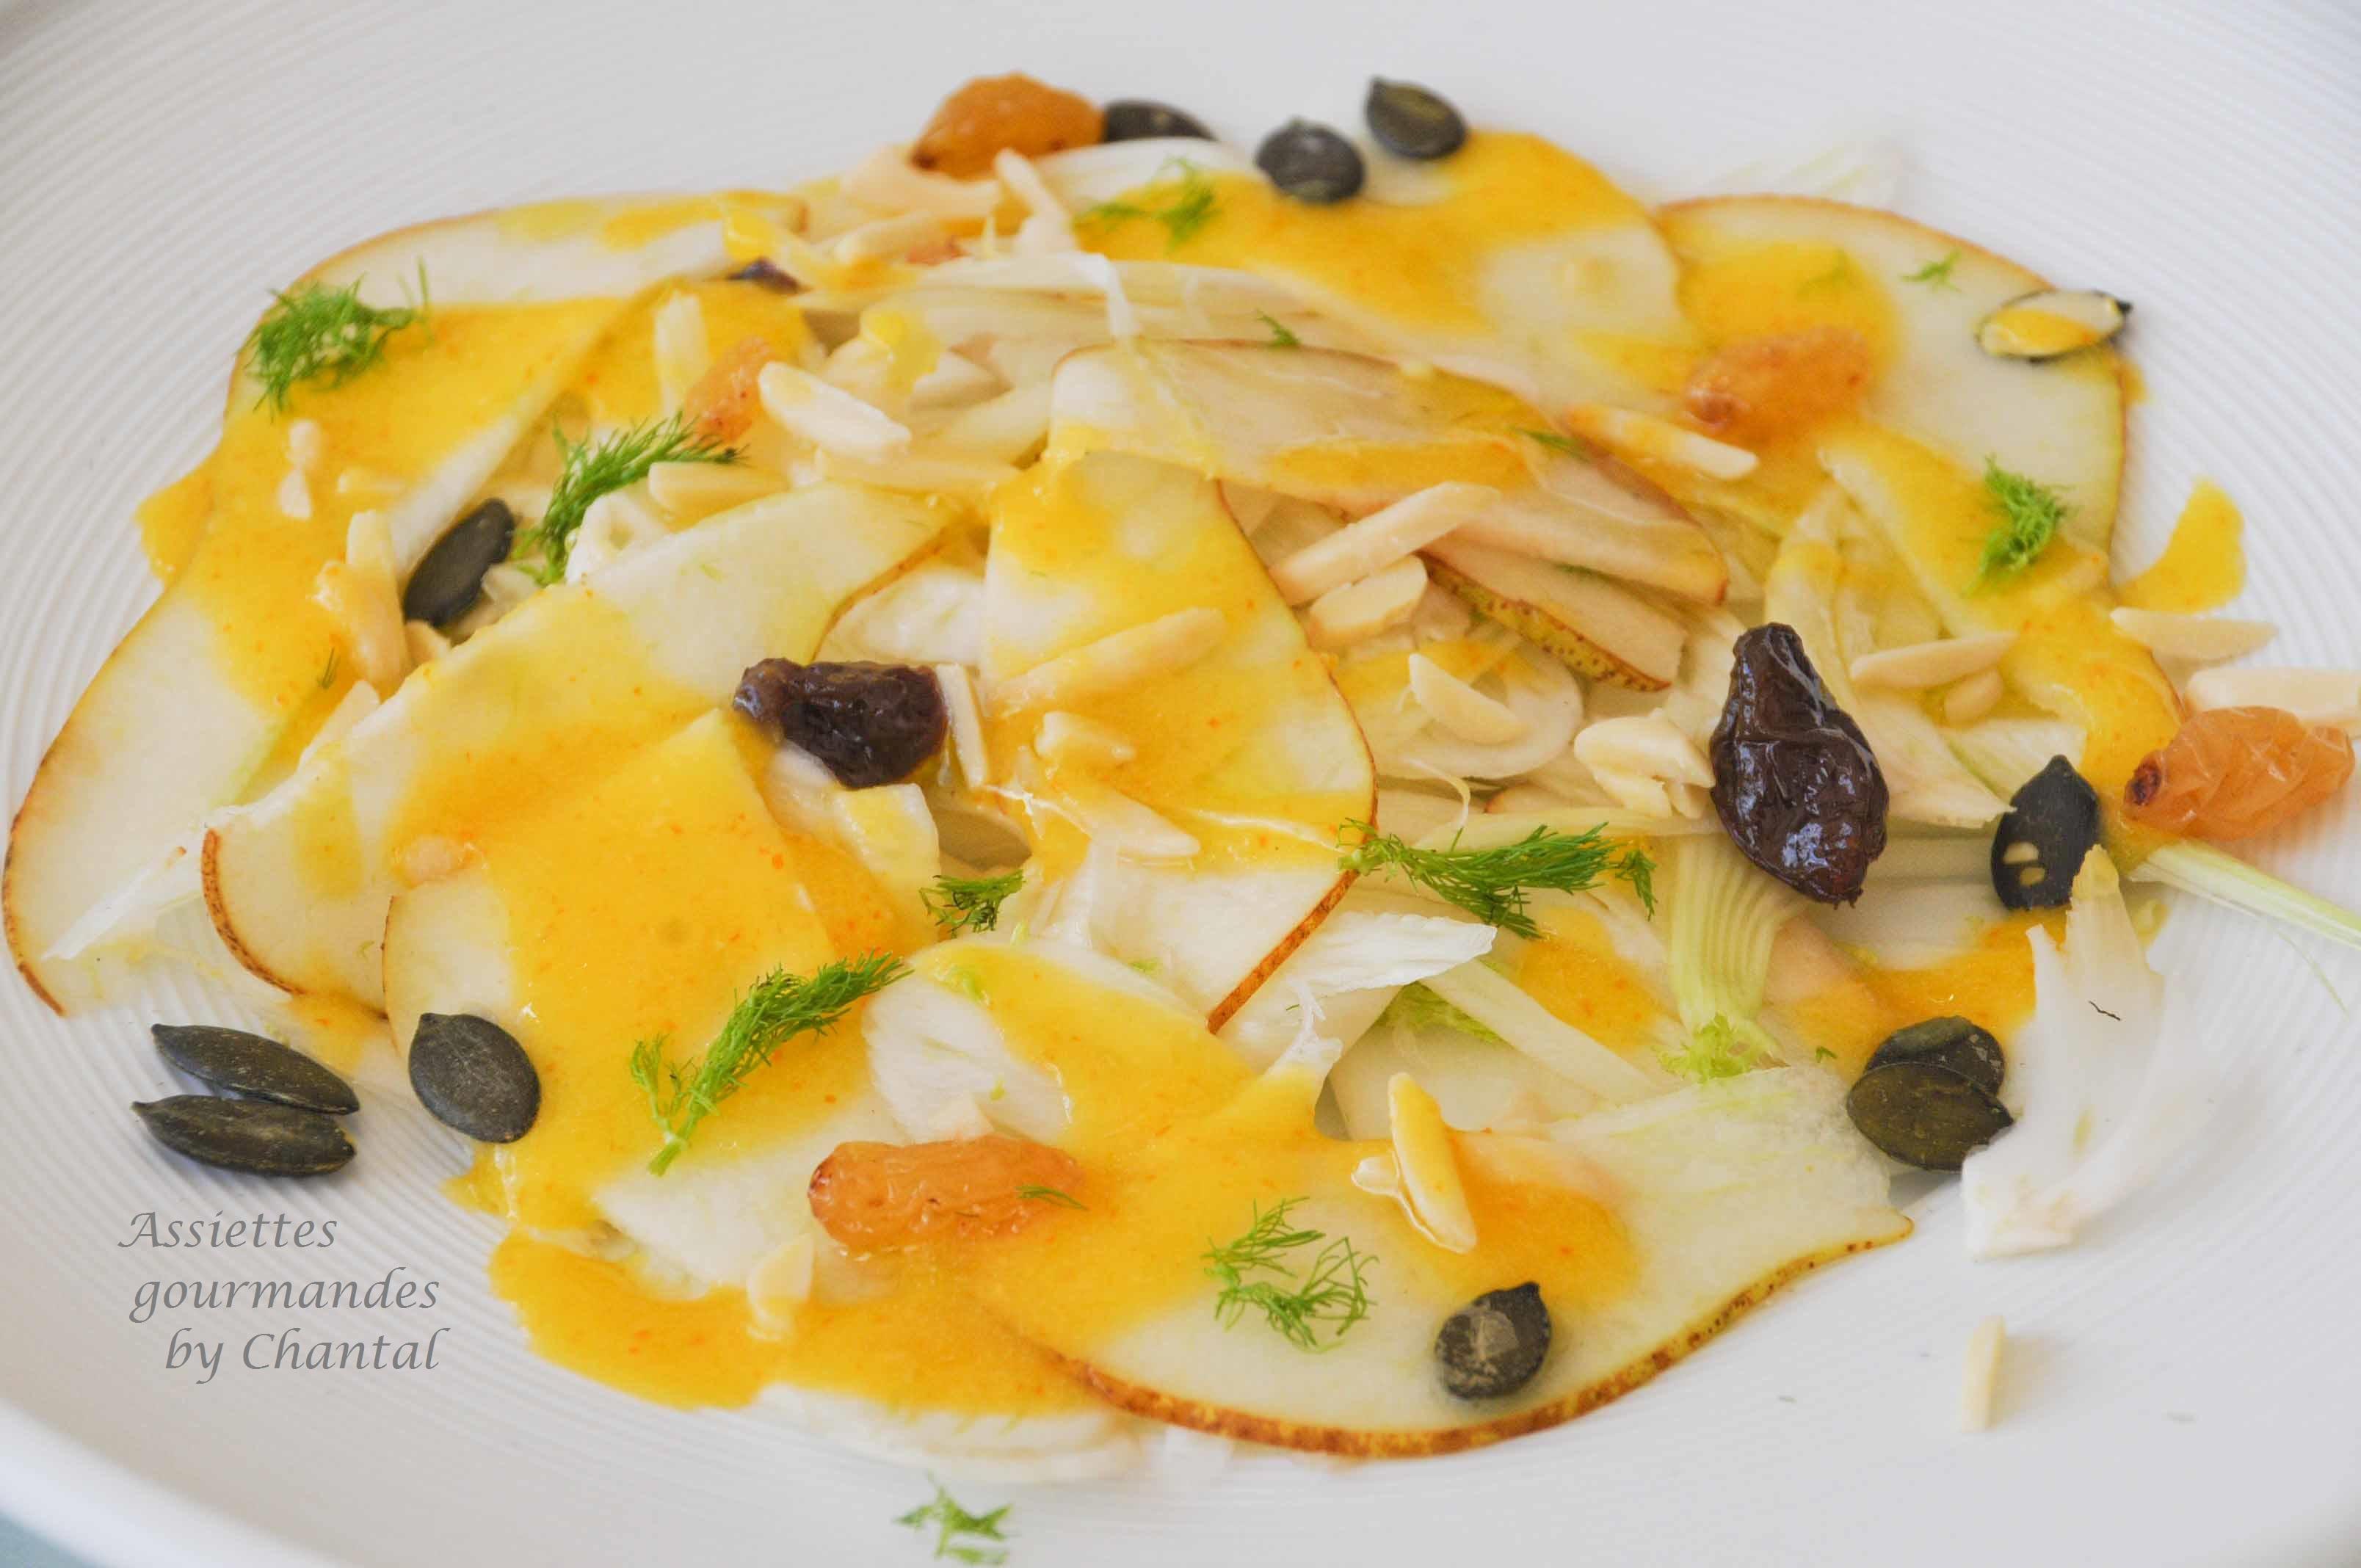 Salade fenouil poires vinaigrette la mangue for Salade en entree originale